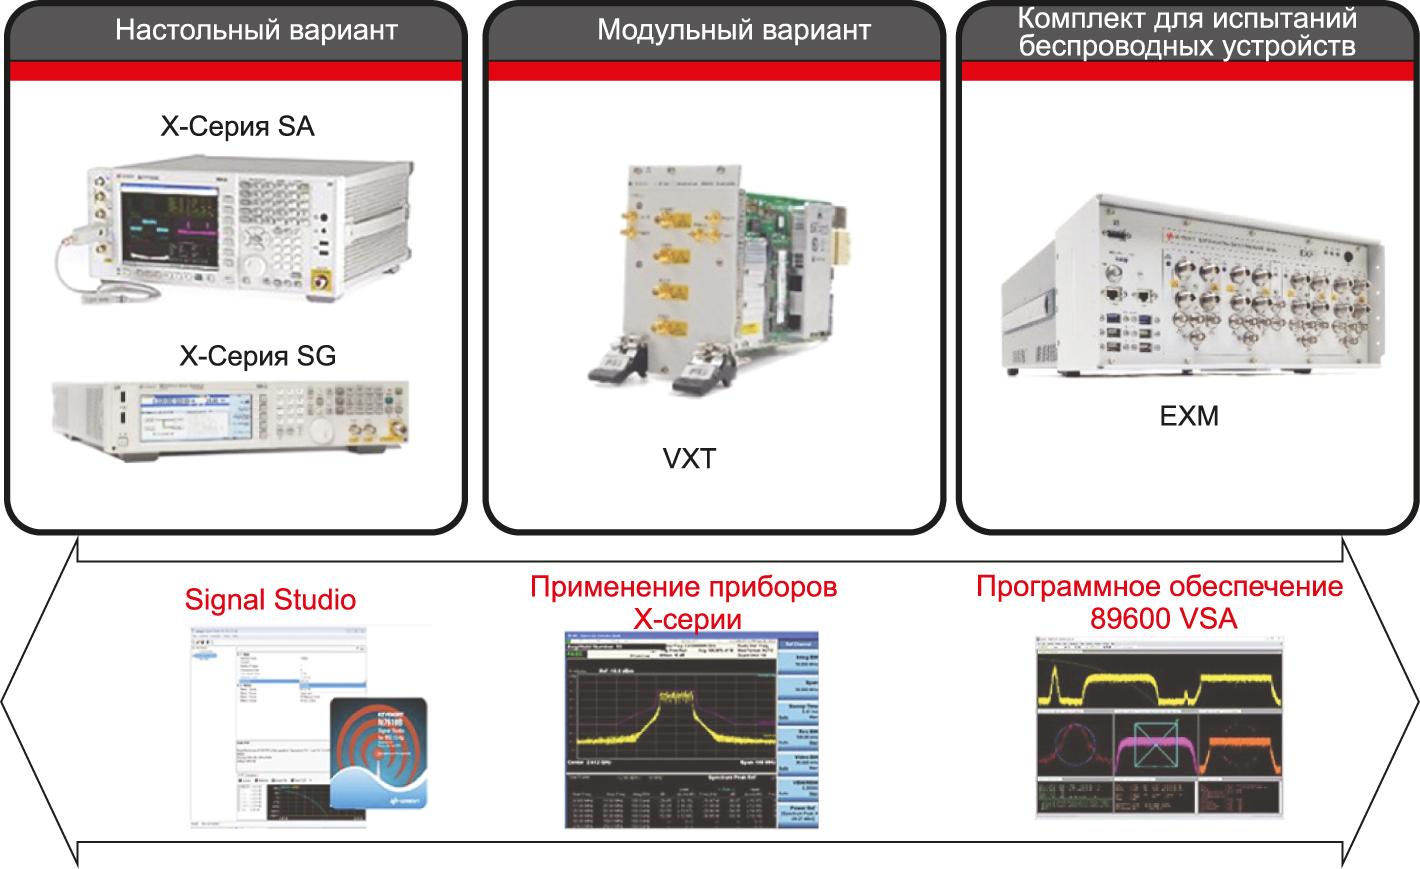 Научный подход компании Keysight в области настольного, модульного и беспроводного тестирования. Аппаратные средства (вверху) дополняет ПО (внизу), обеспечивая более широкие возможности и понимание измерений